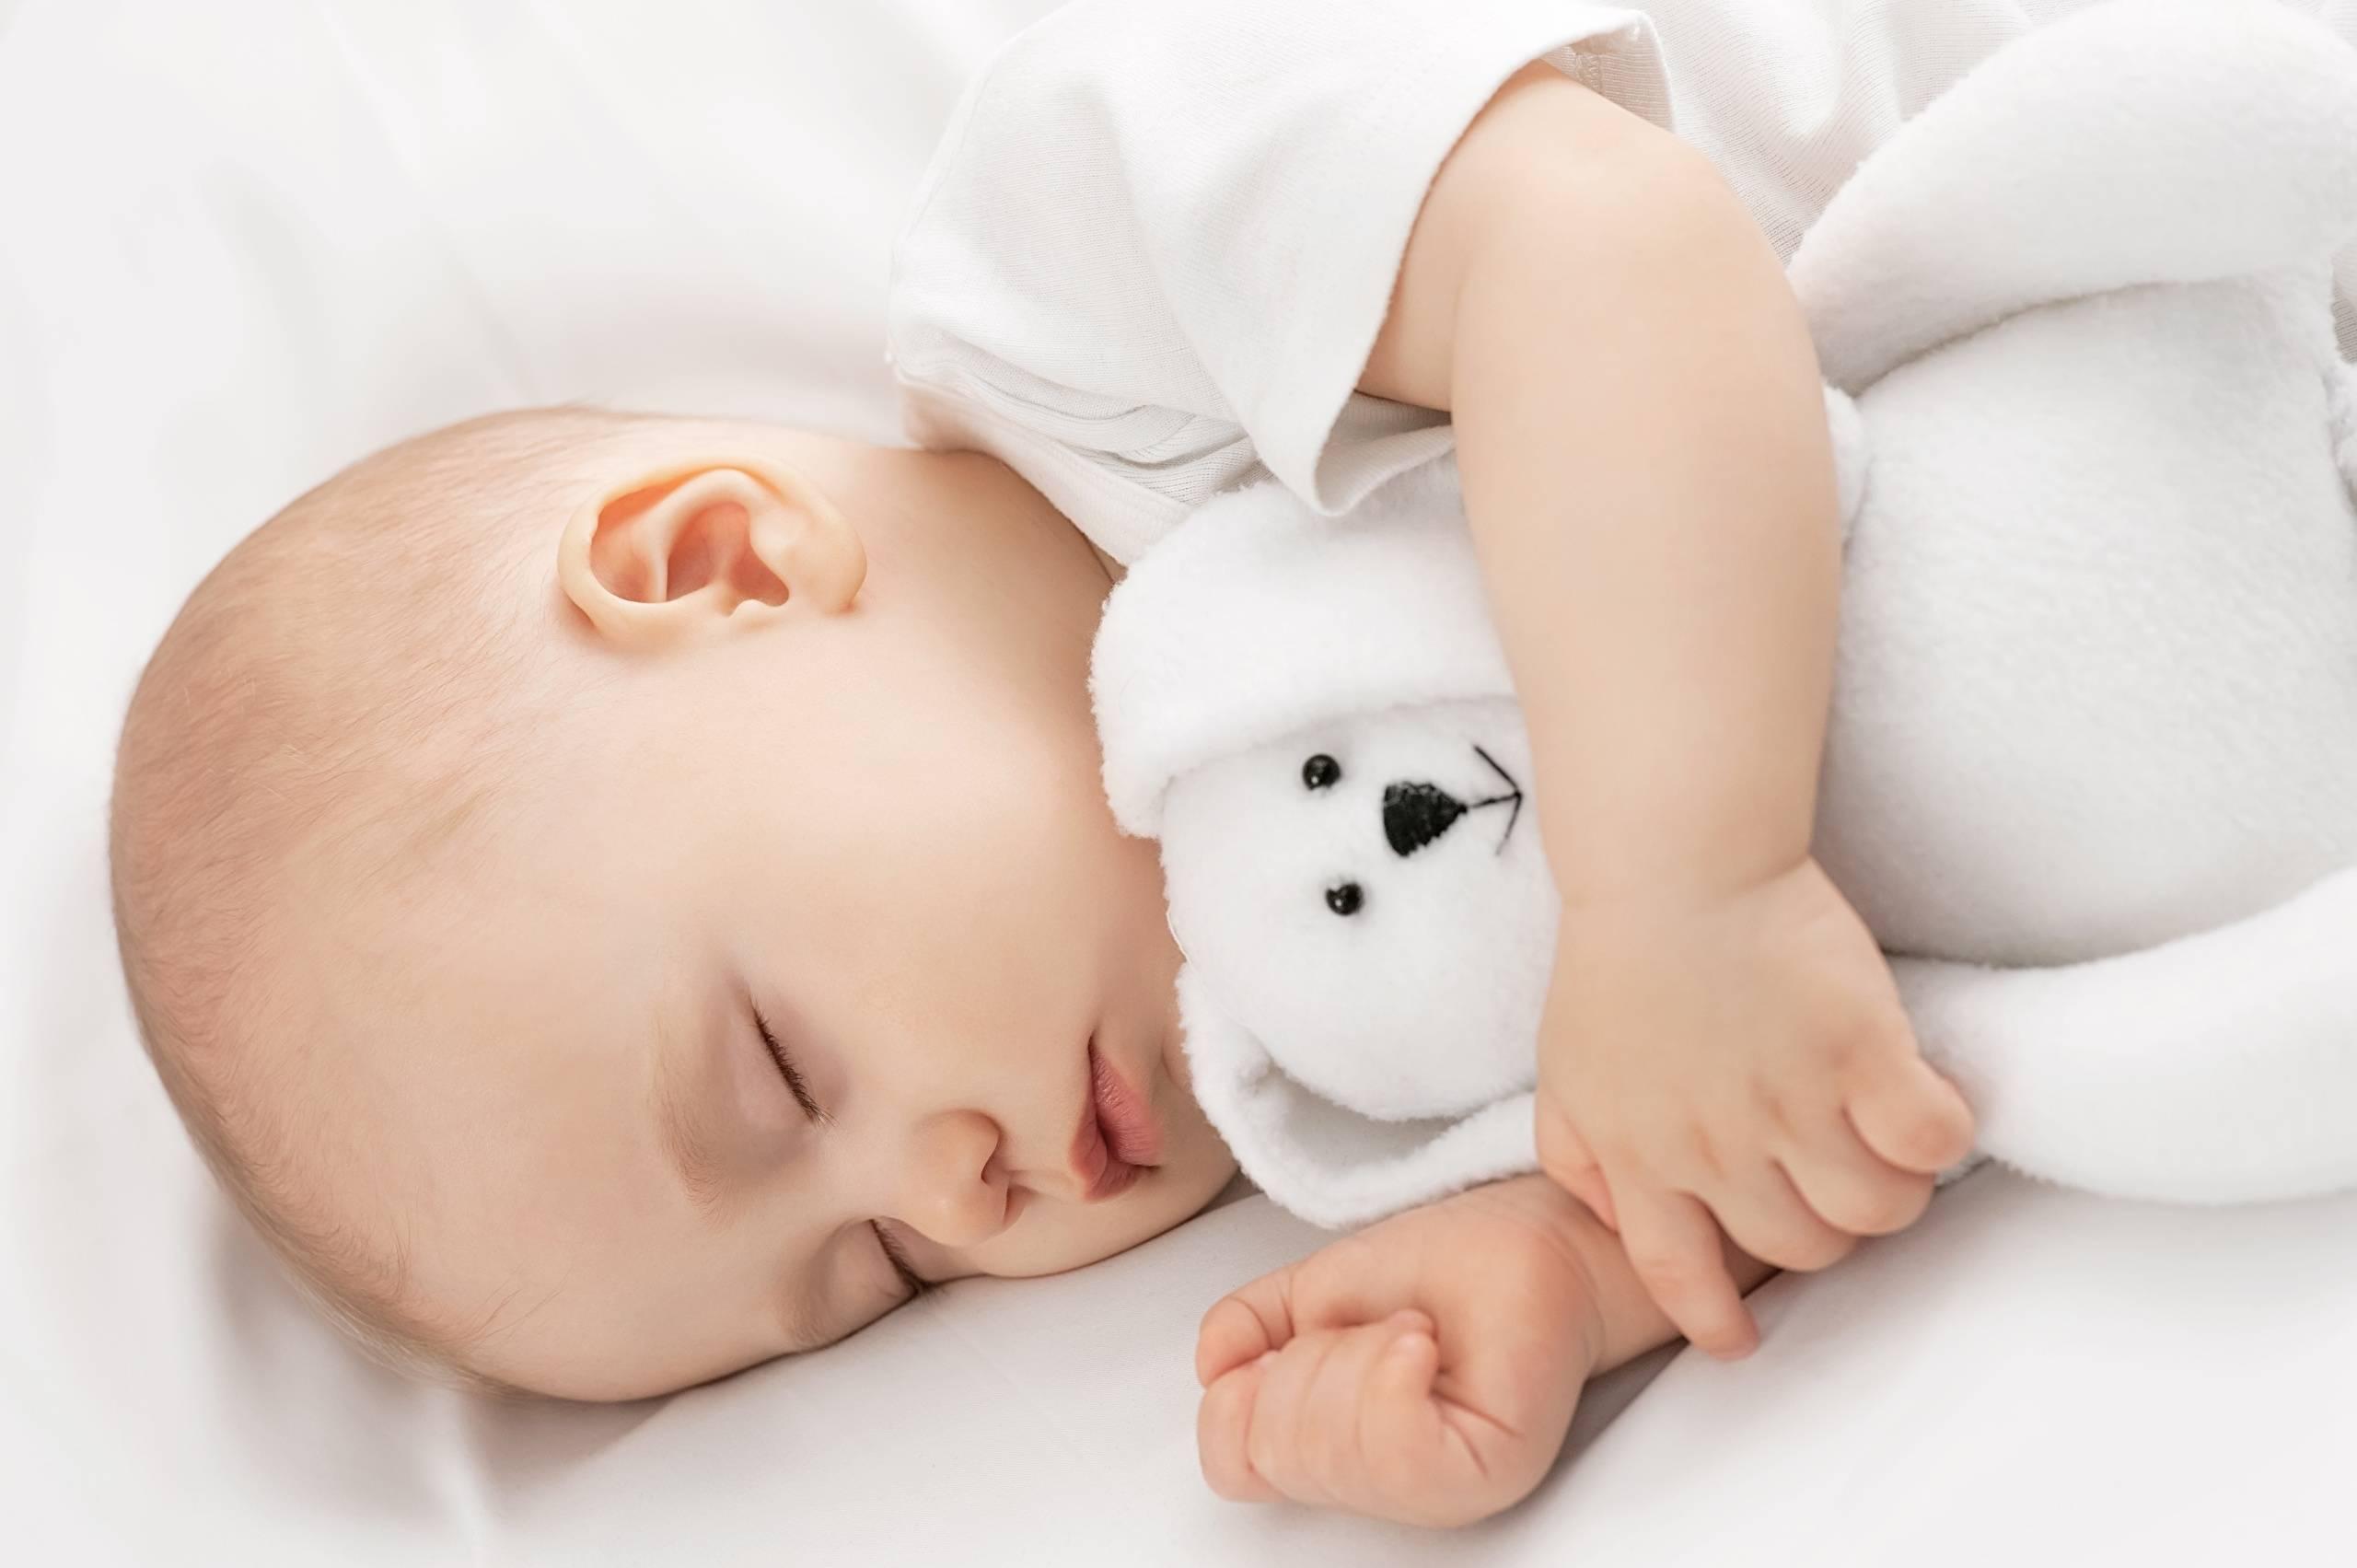 Обзор жаропонижающих средств для детей — эффективные, лучшие, безопасные препараты